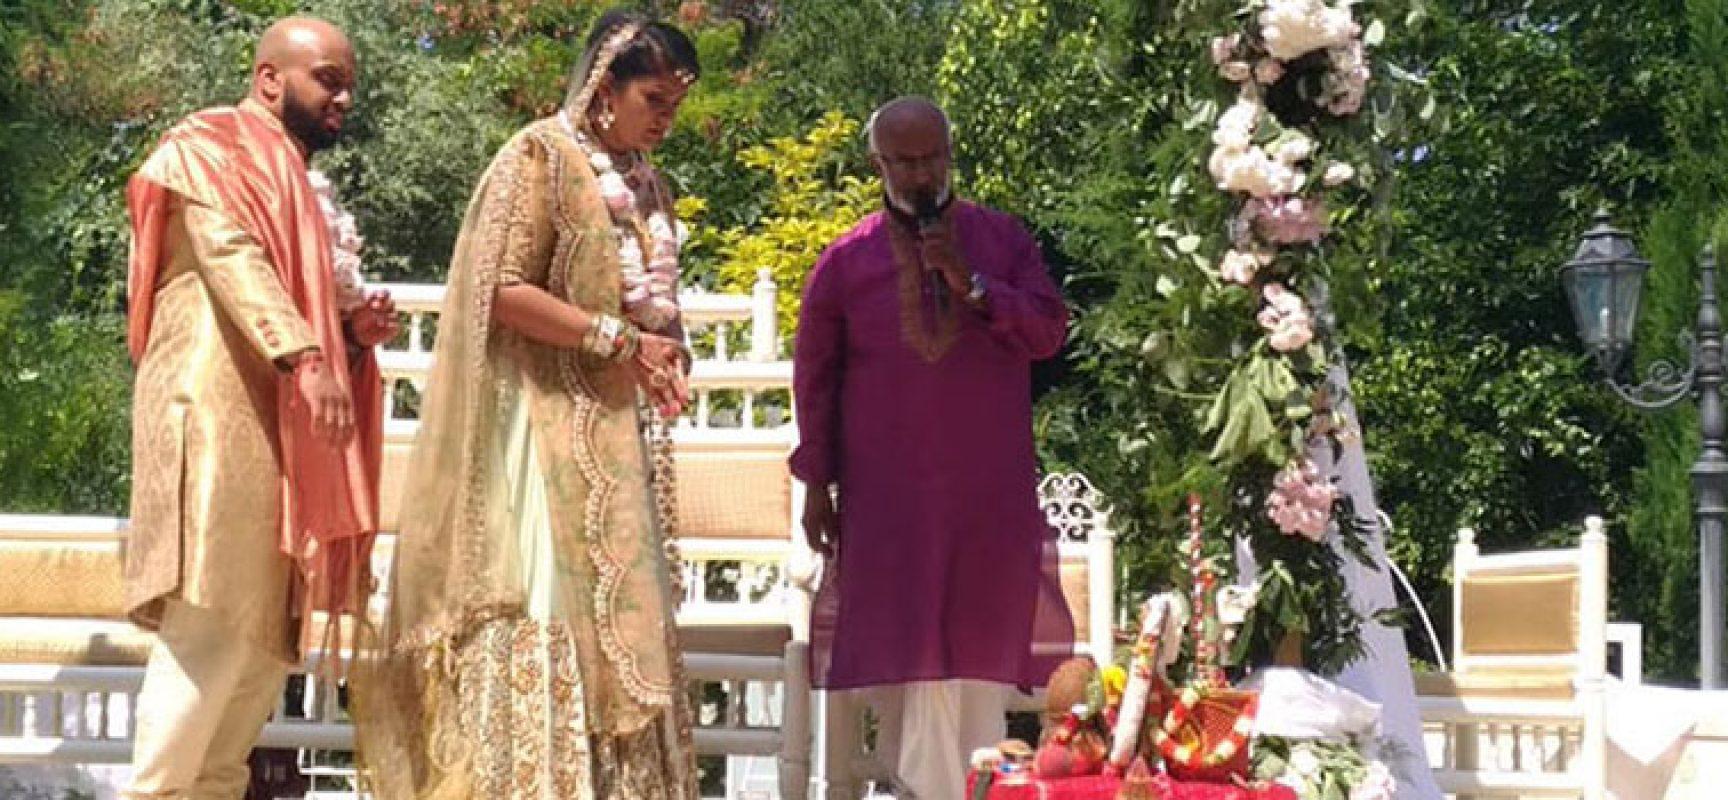 Colori, tradizioni e riti. Bisceglie location di un matrimonio indiano